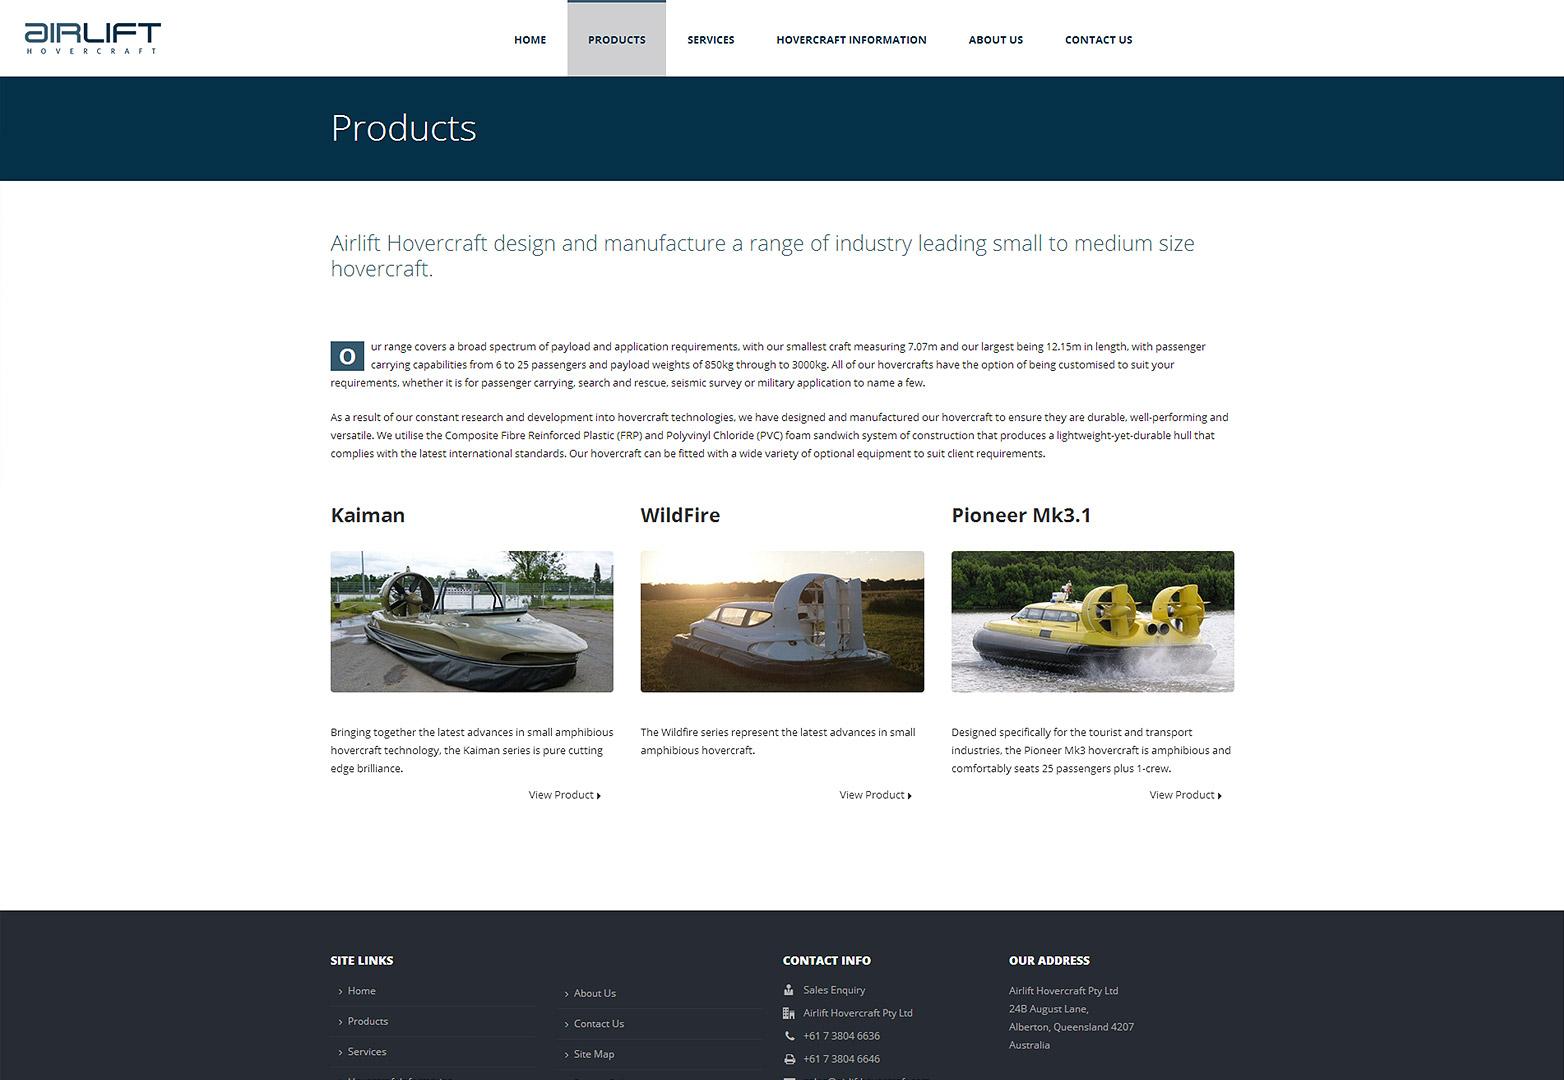 webdesign_airlift02